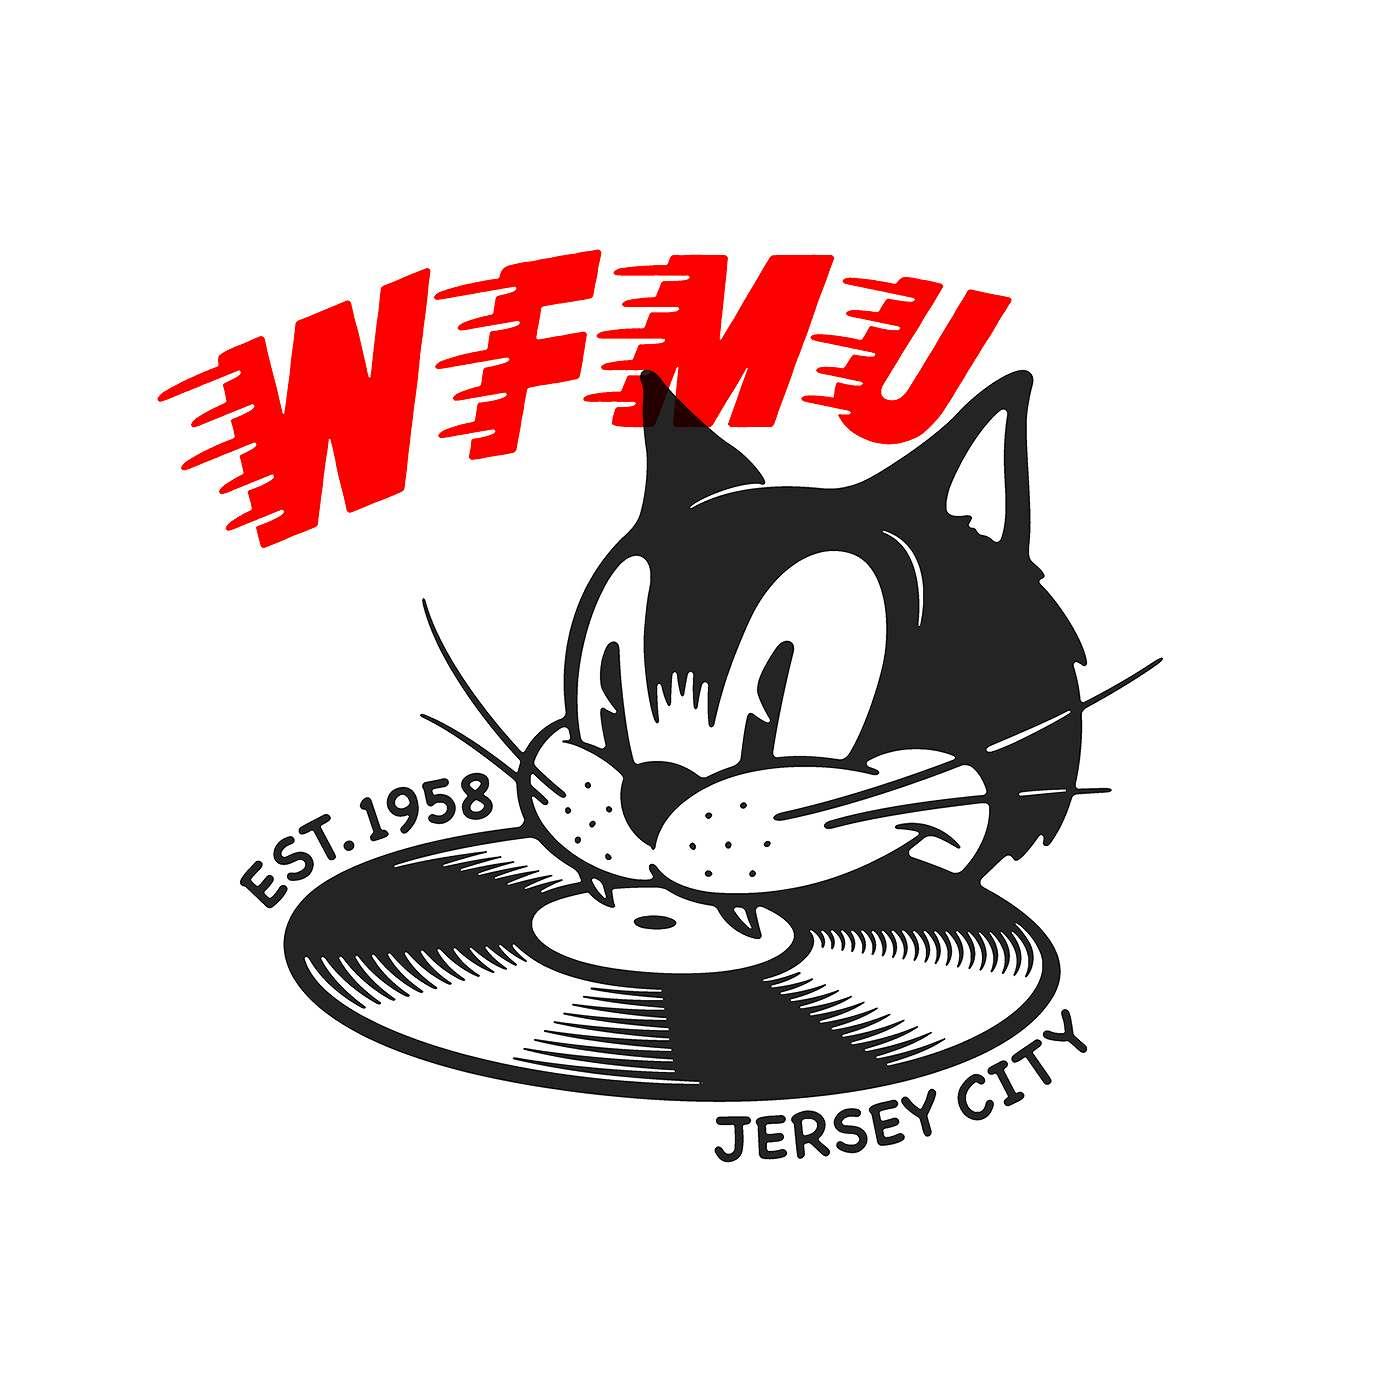 WFMU 04